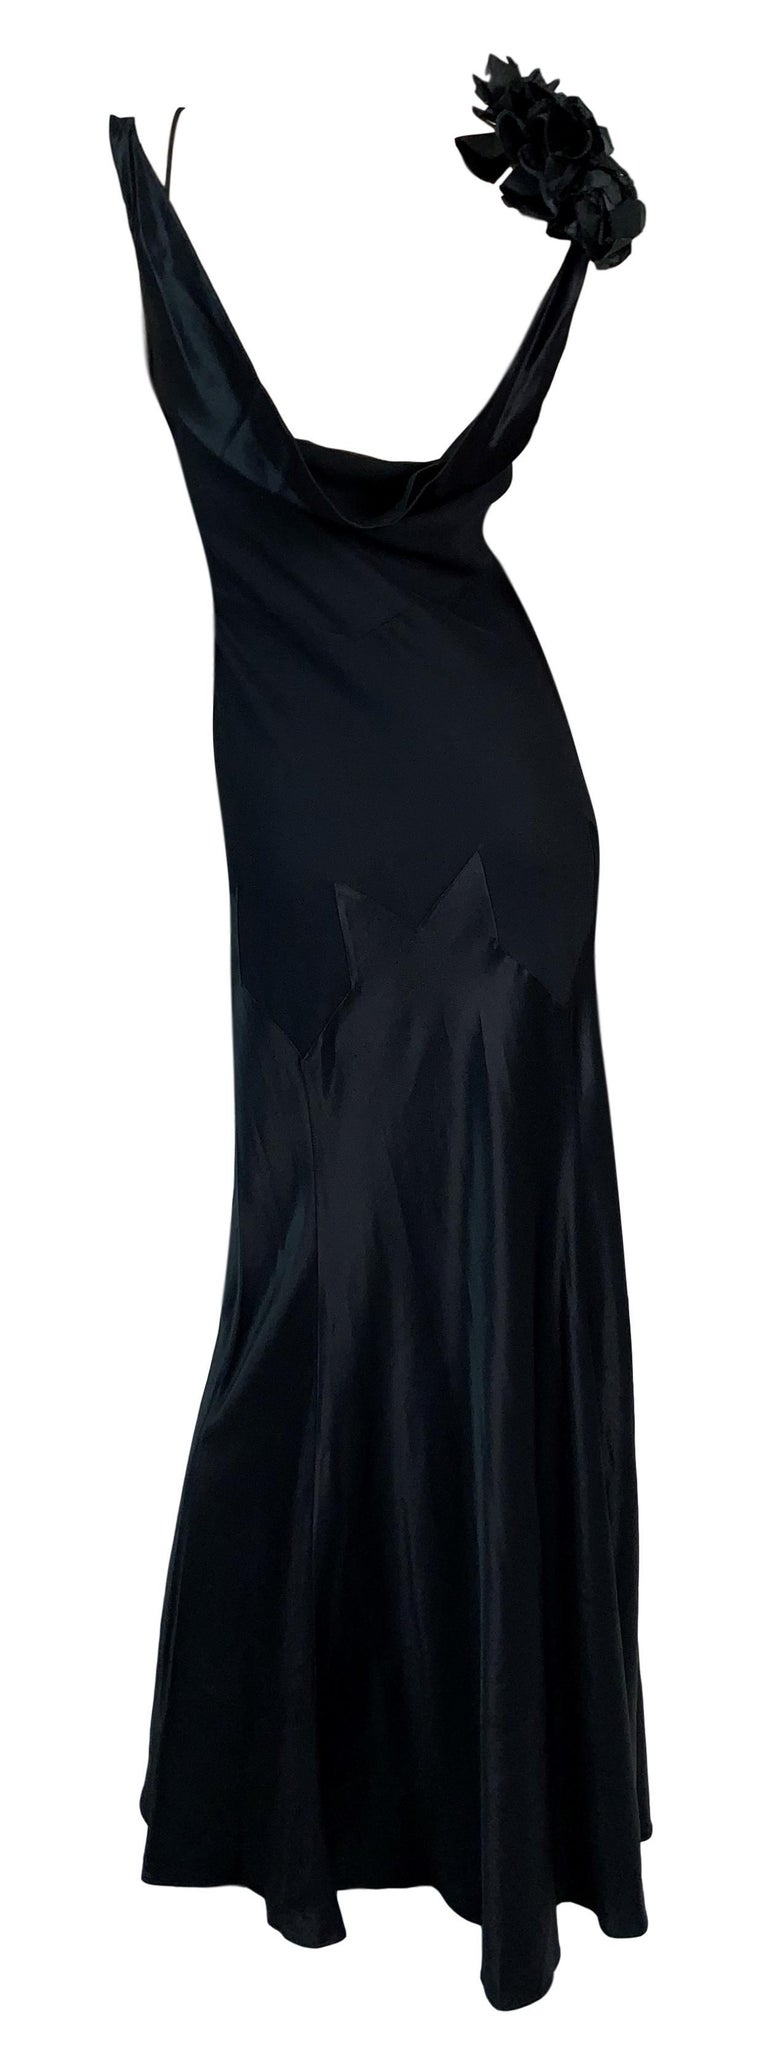 Women's F/W 1994 John Galliano Runway Black Off Shoulder Flower Gown Dress For Sale